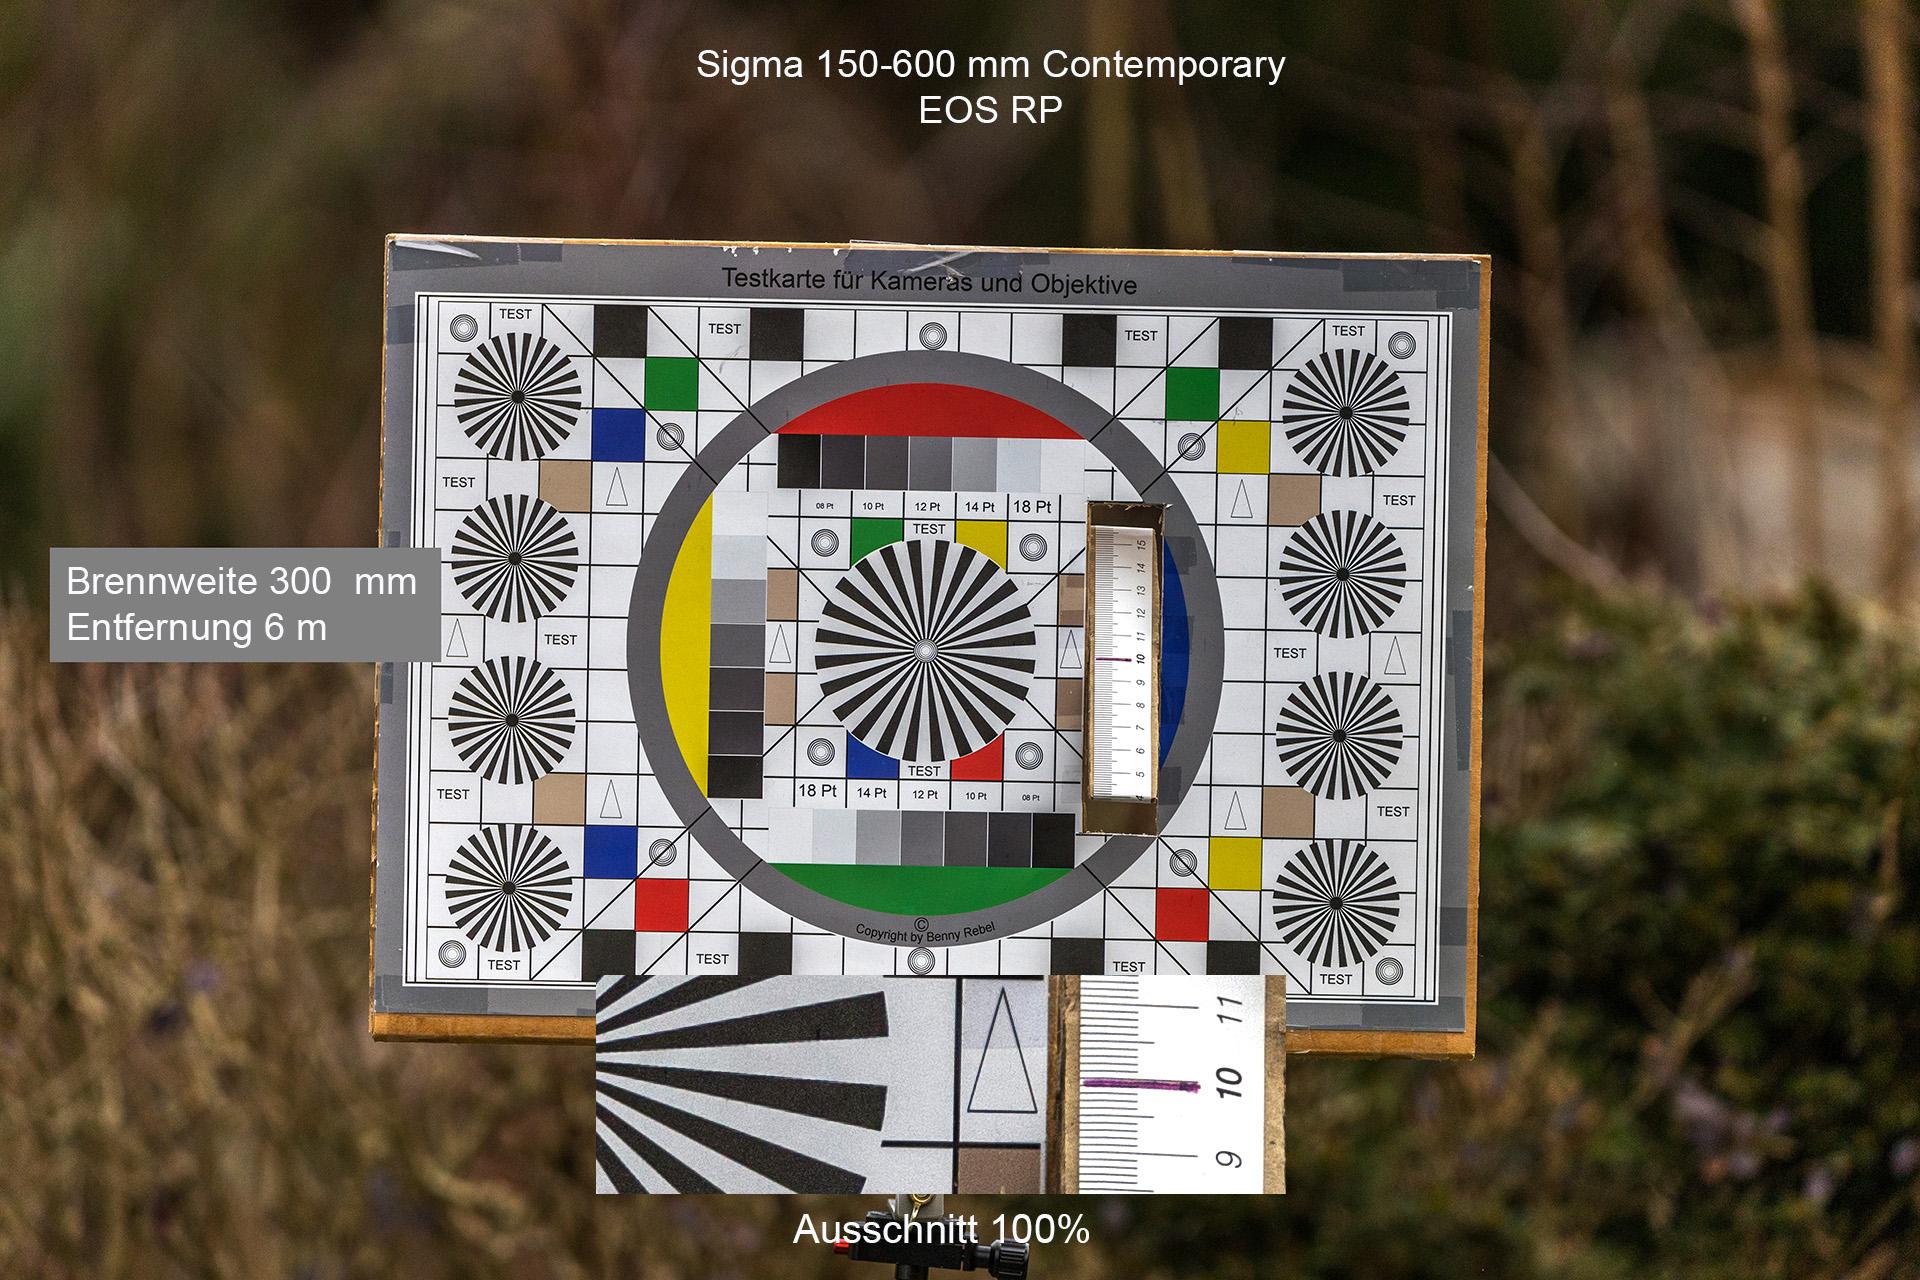 Testaufnahmen mit Sigma 150-600 mm, Canon EOS RP, 300 mm, 6 Meter